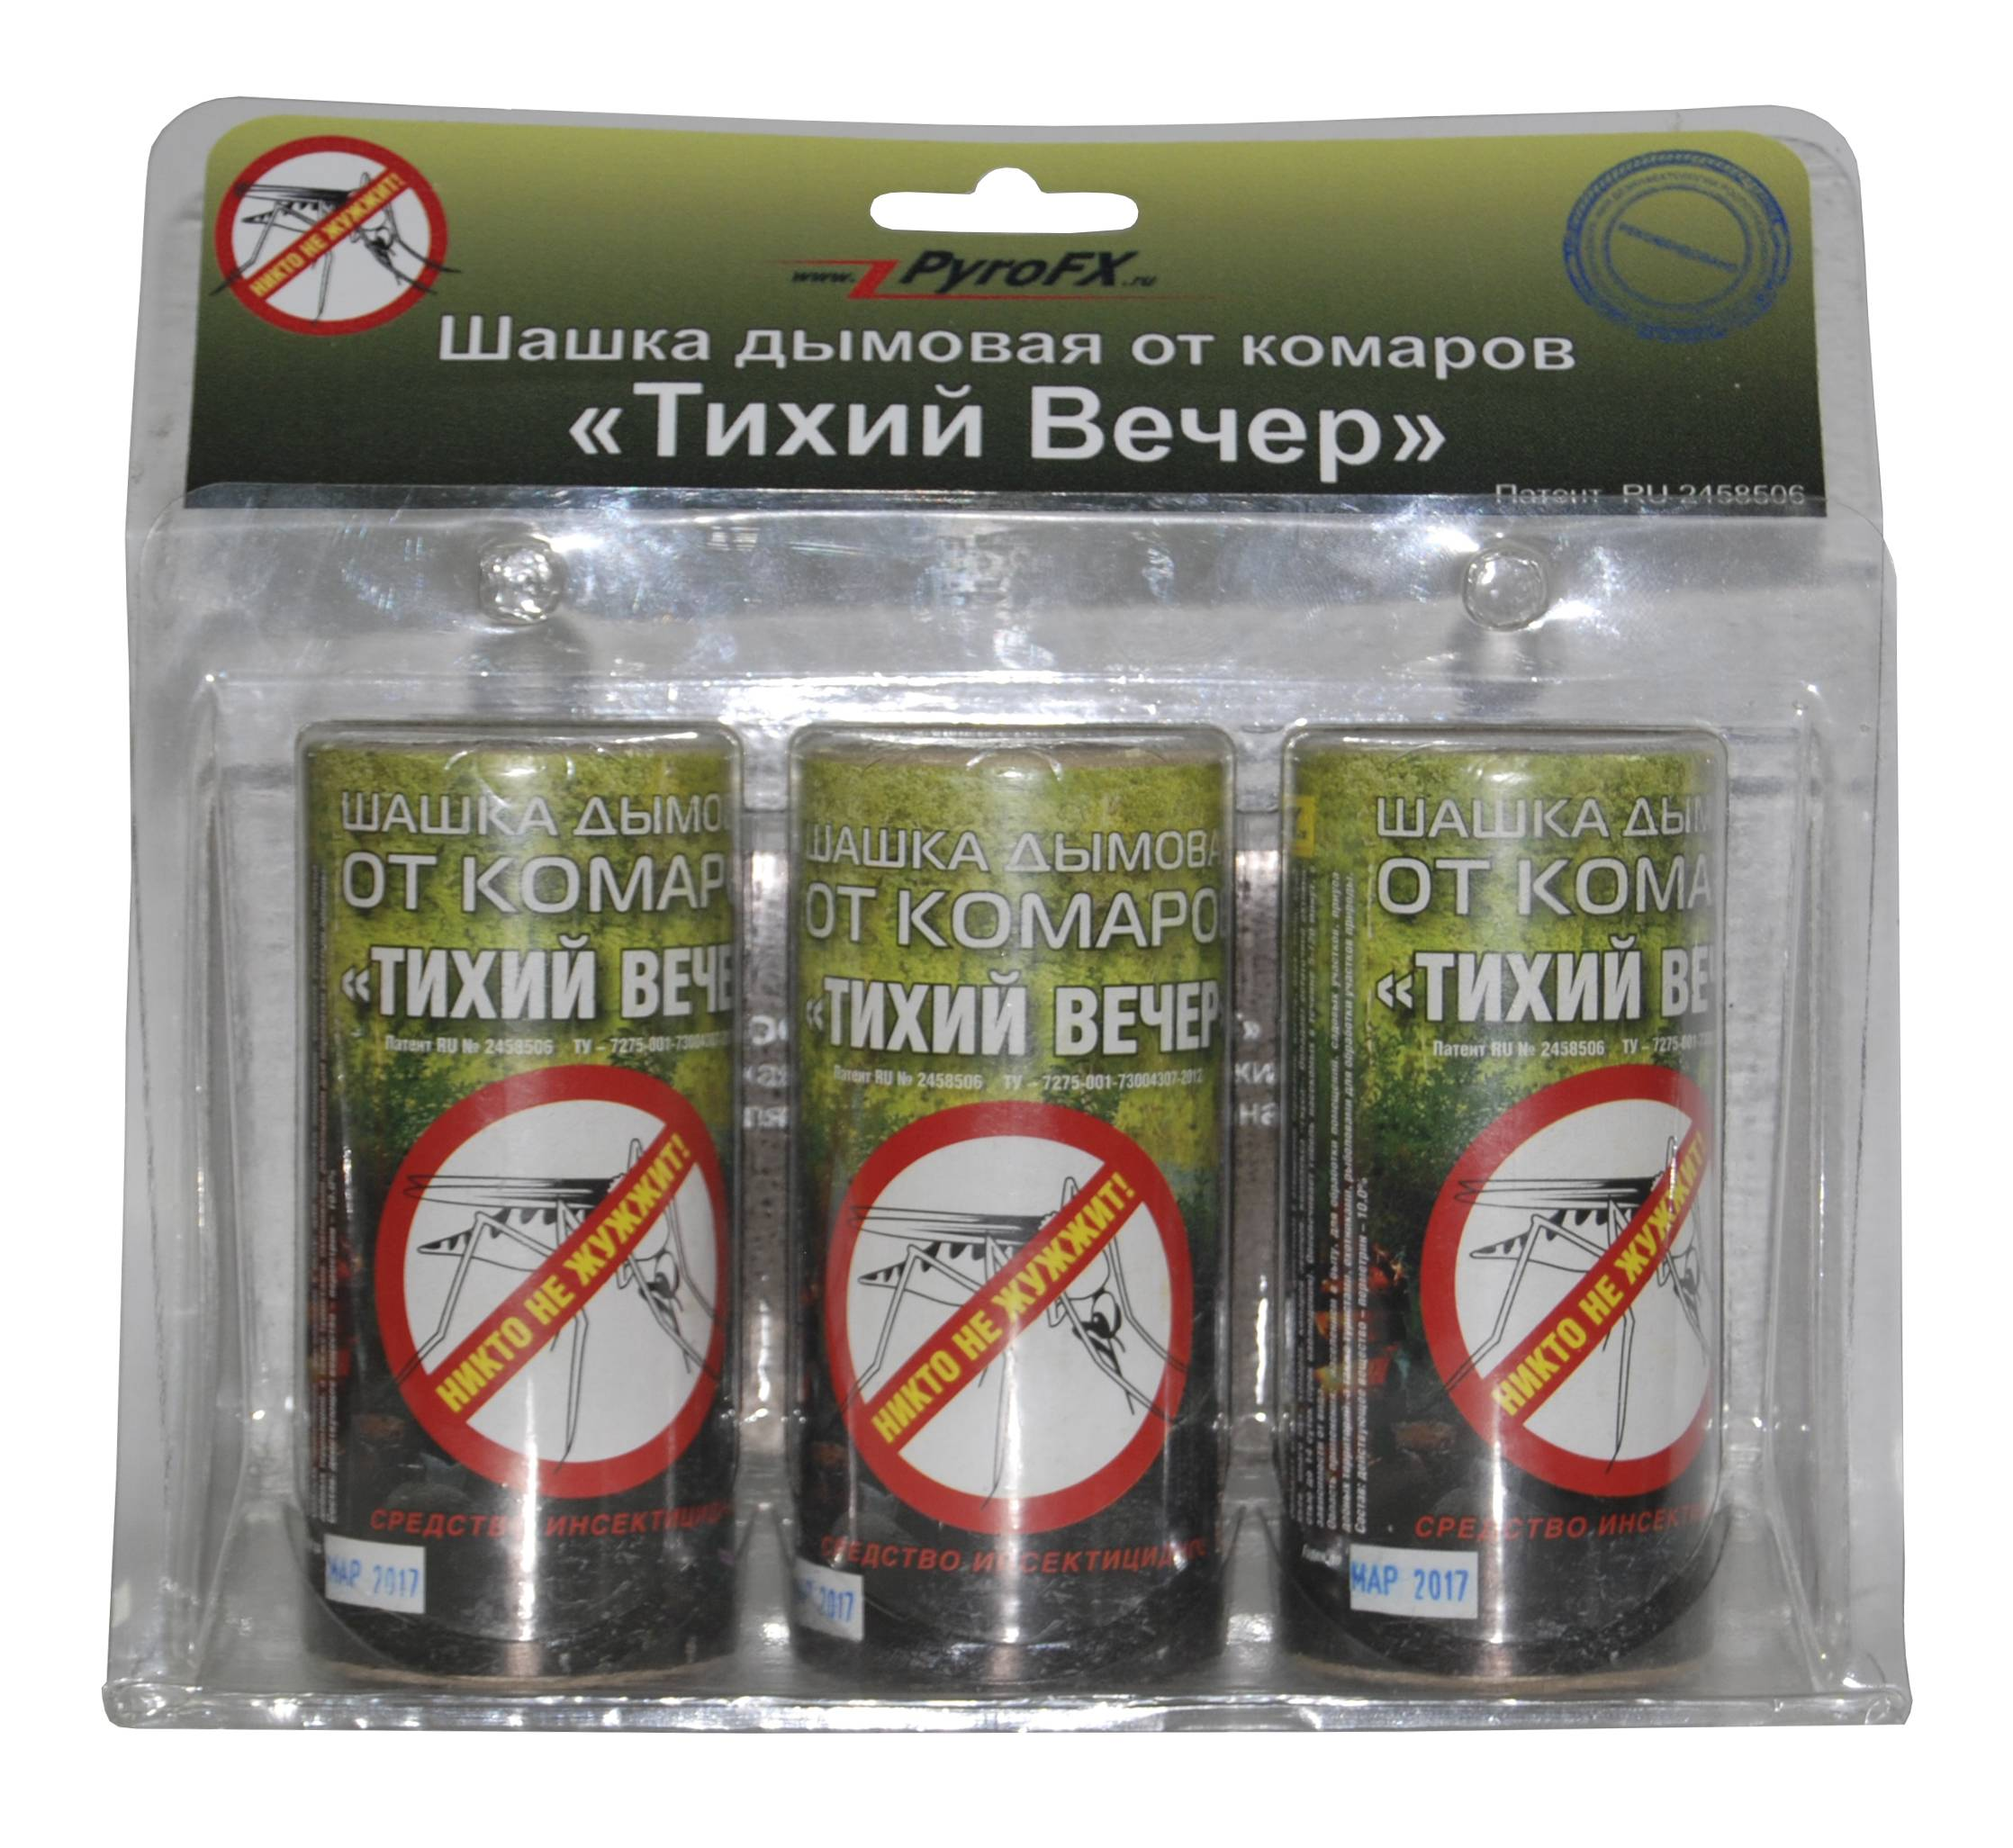 Дымовая шашка тихий вечер от комаров - отзывы и инструкция по применению